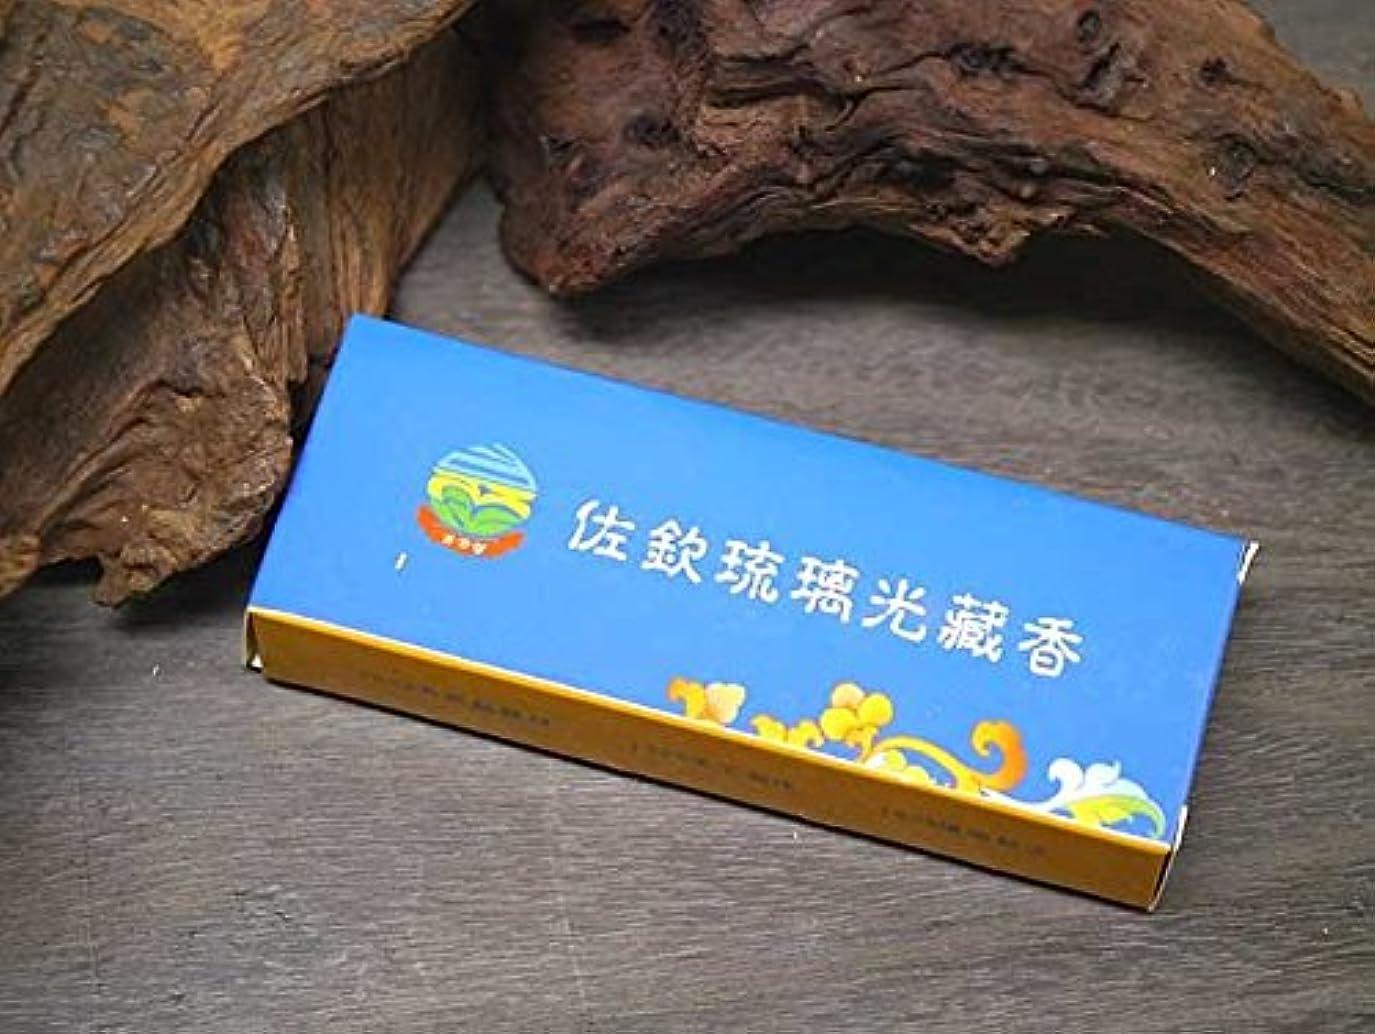 に対処する長々と思いやりのある中国香 甘孜チベット自治州にある慈善医院のお香【佐欽琉璃光蔵香】